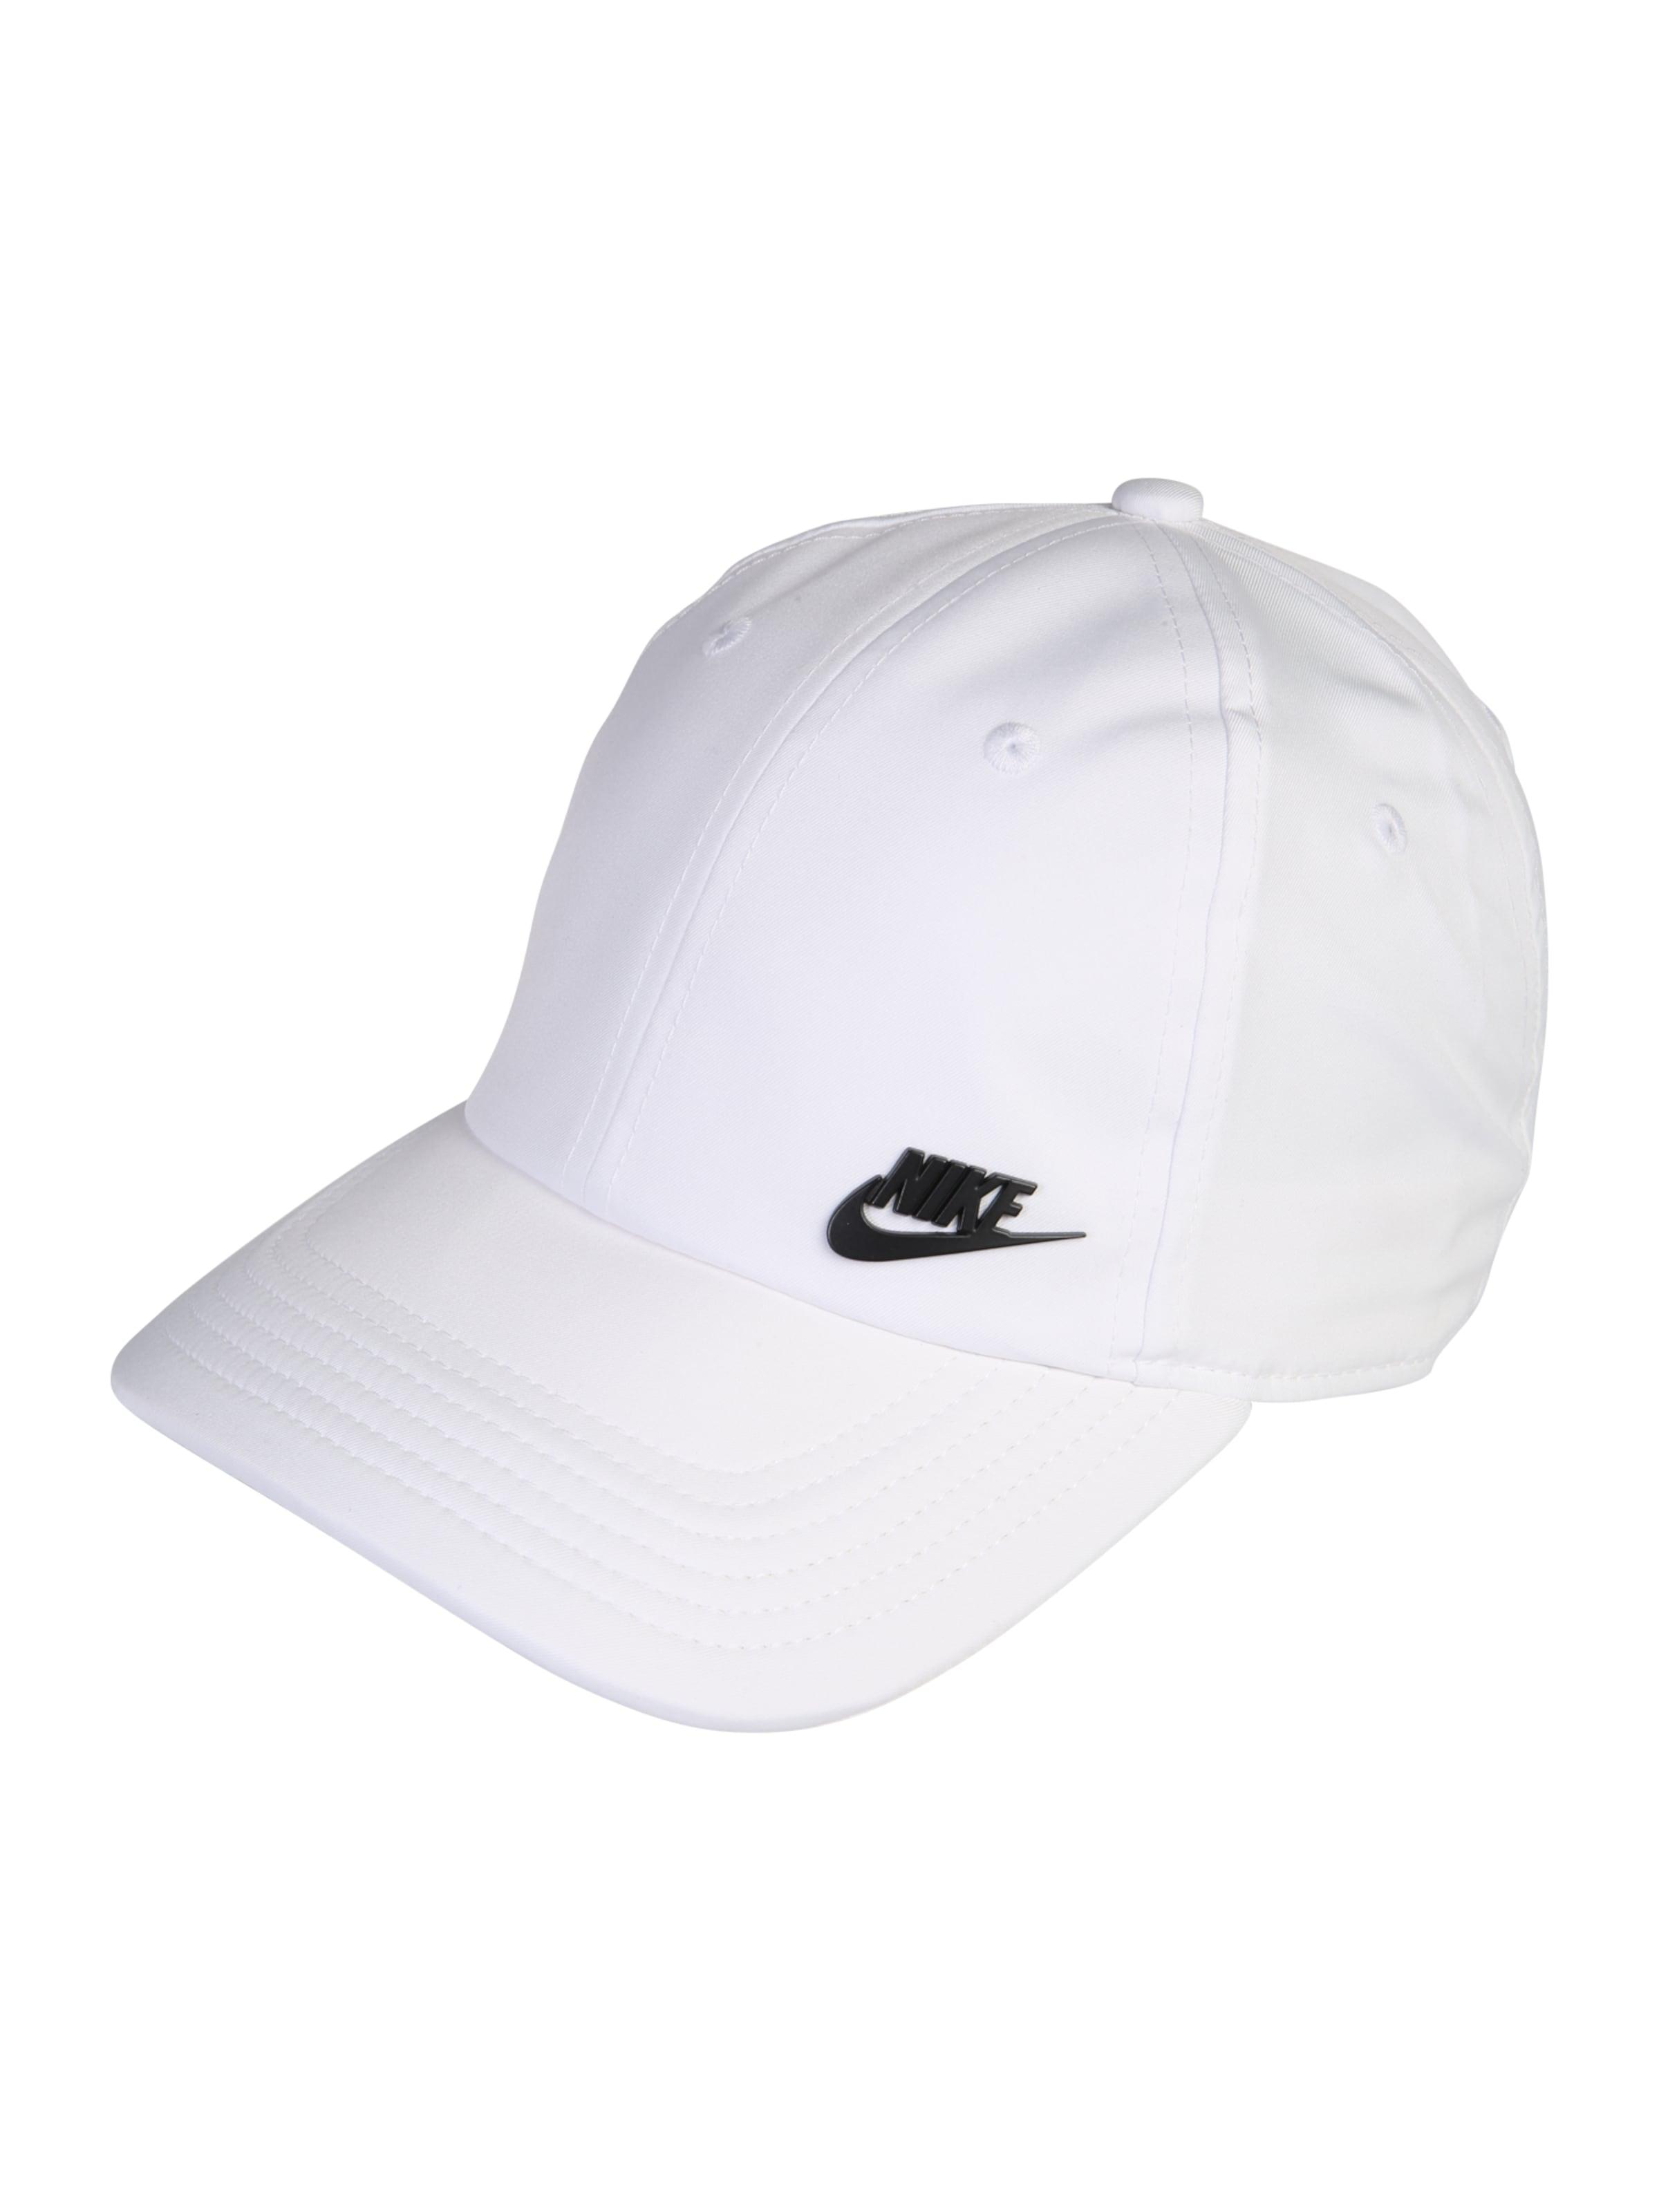 Nike Sportswear Sportswear Casquette En En Blanc Casquette Blanc Nike Nike En Casquette Sportswear v8wm0NnO